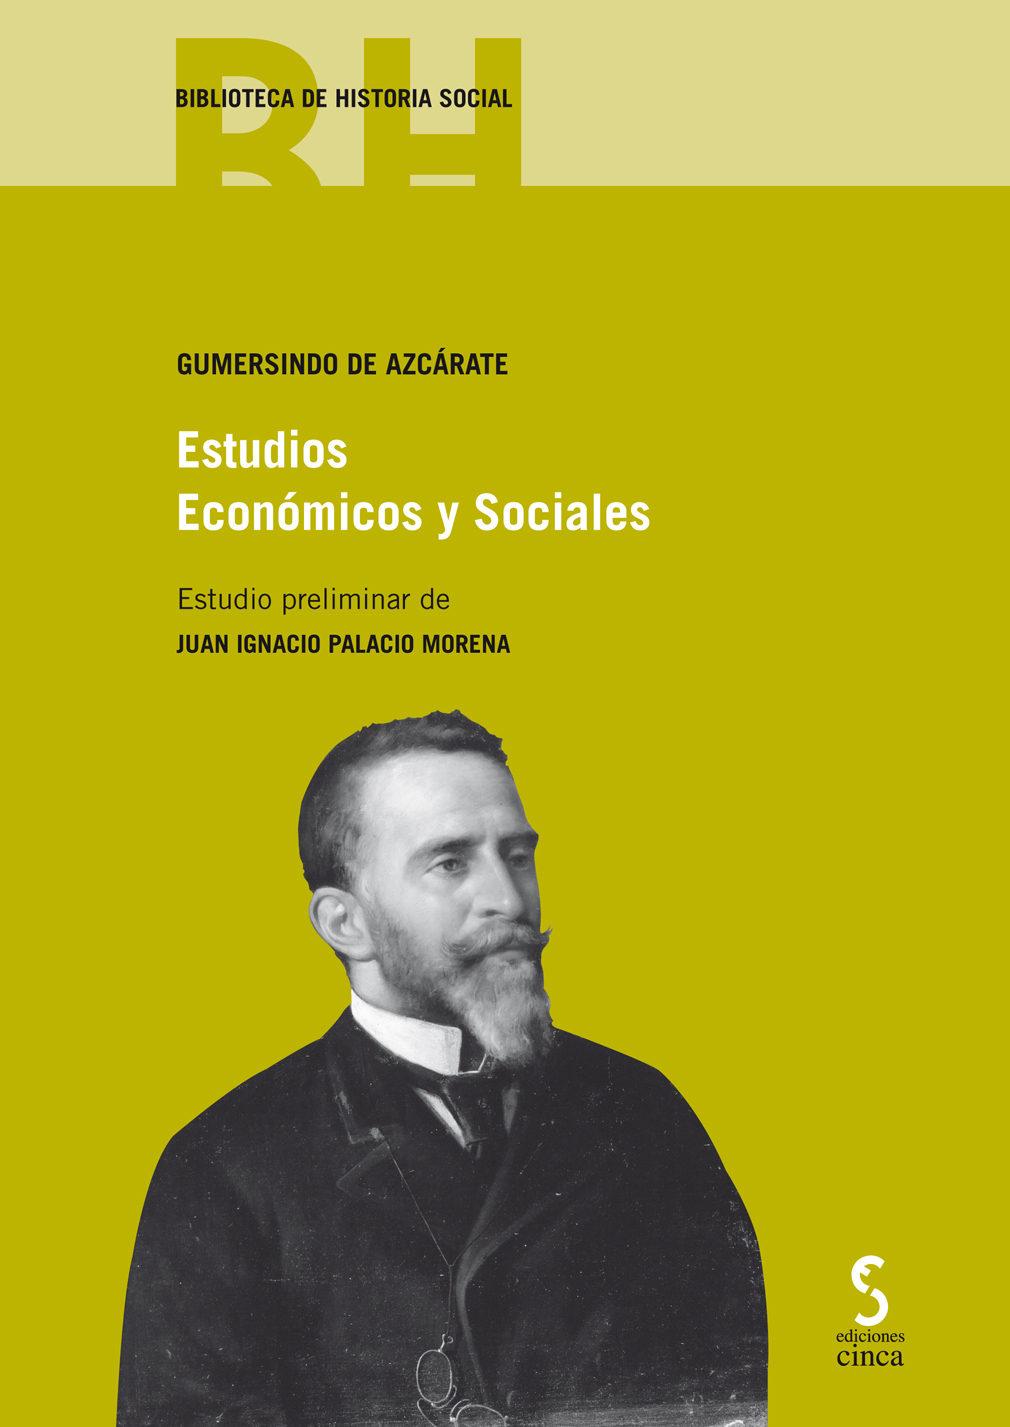 Estudios Economicos Y Sociales De Gumersindo De Azcarate por J. I. (dir.) Palacio Morena